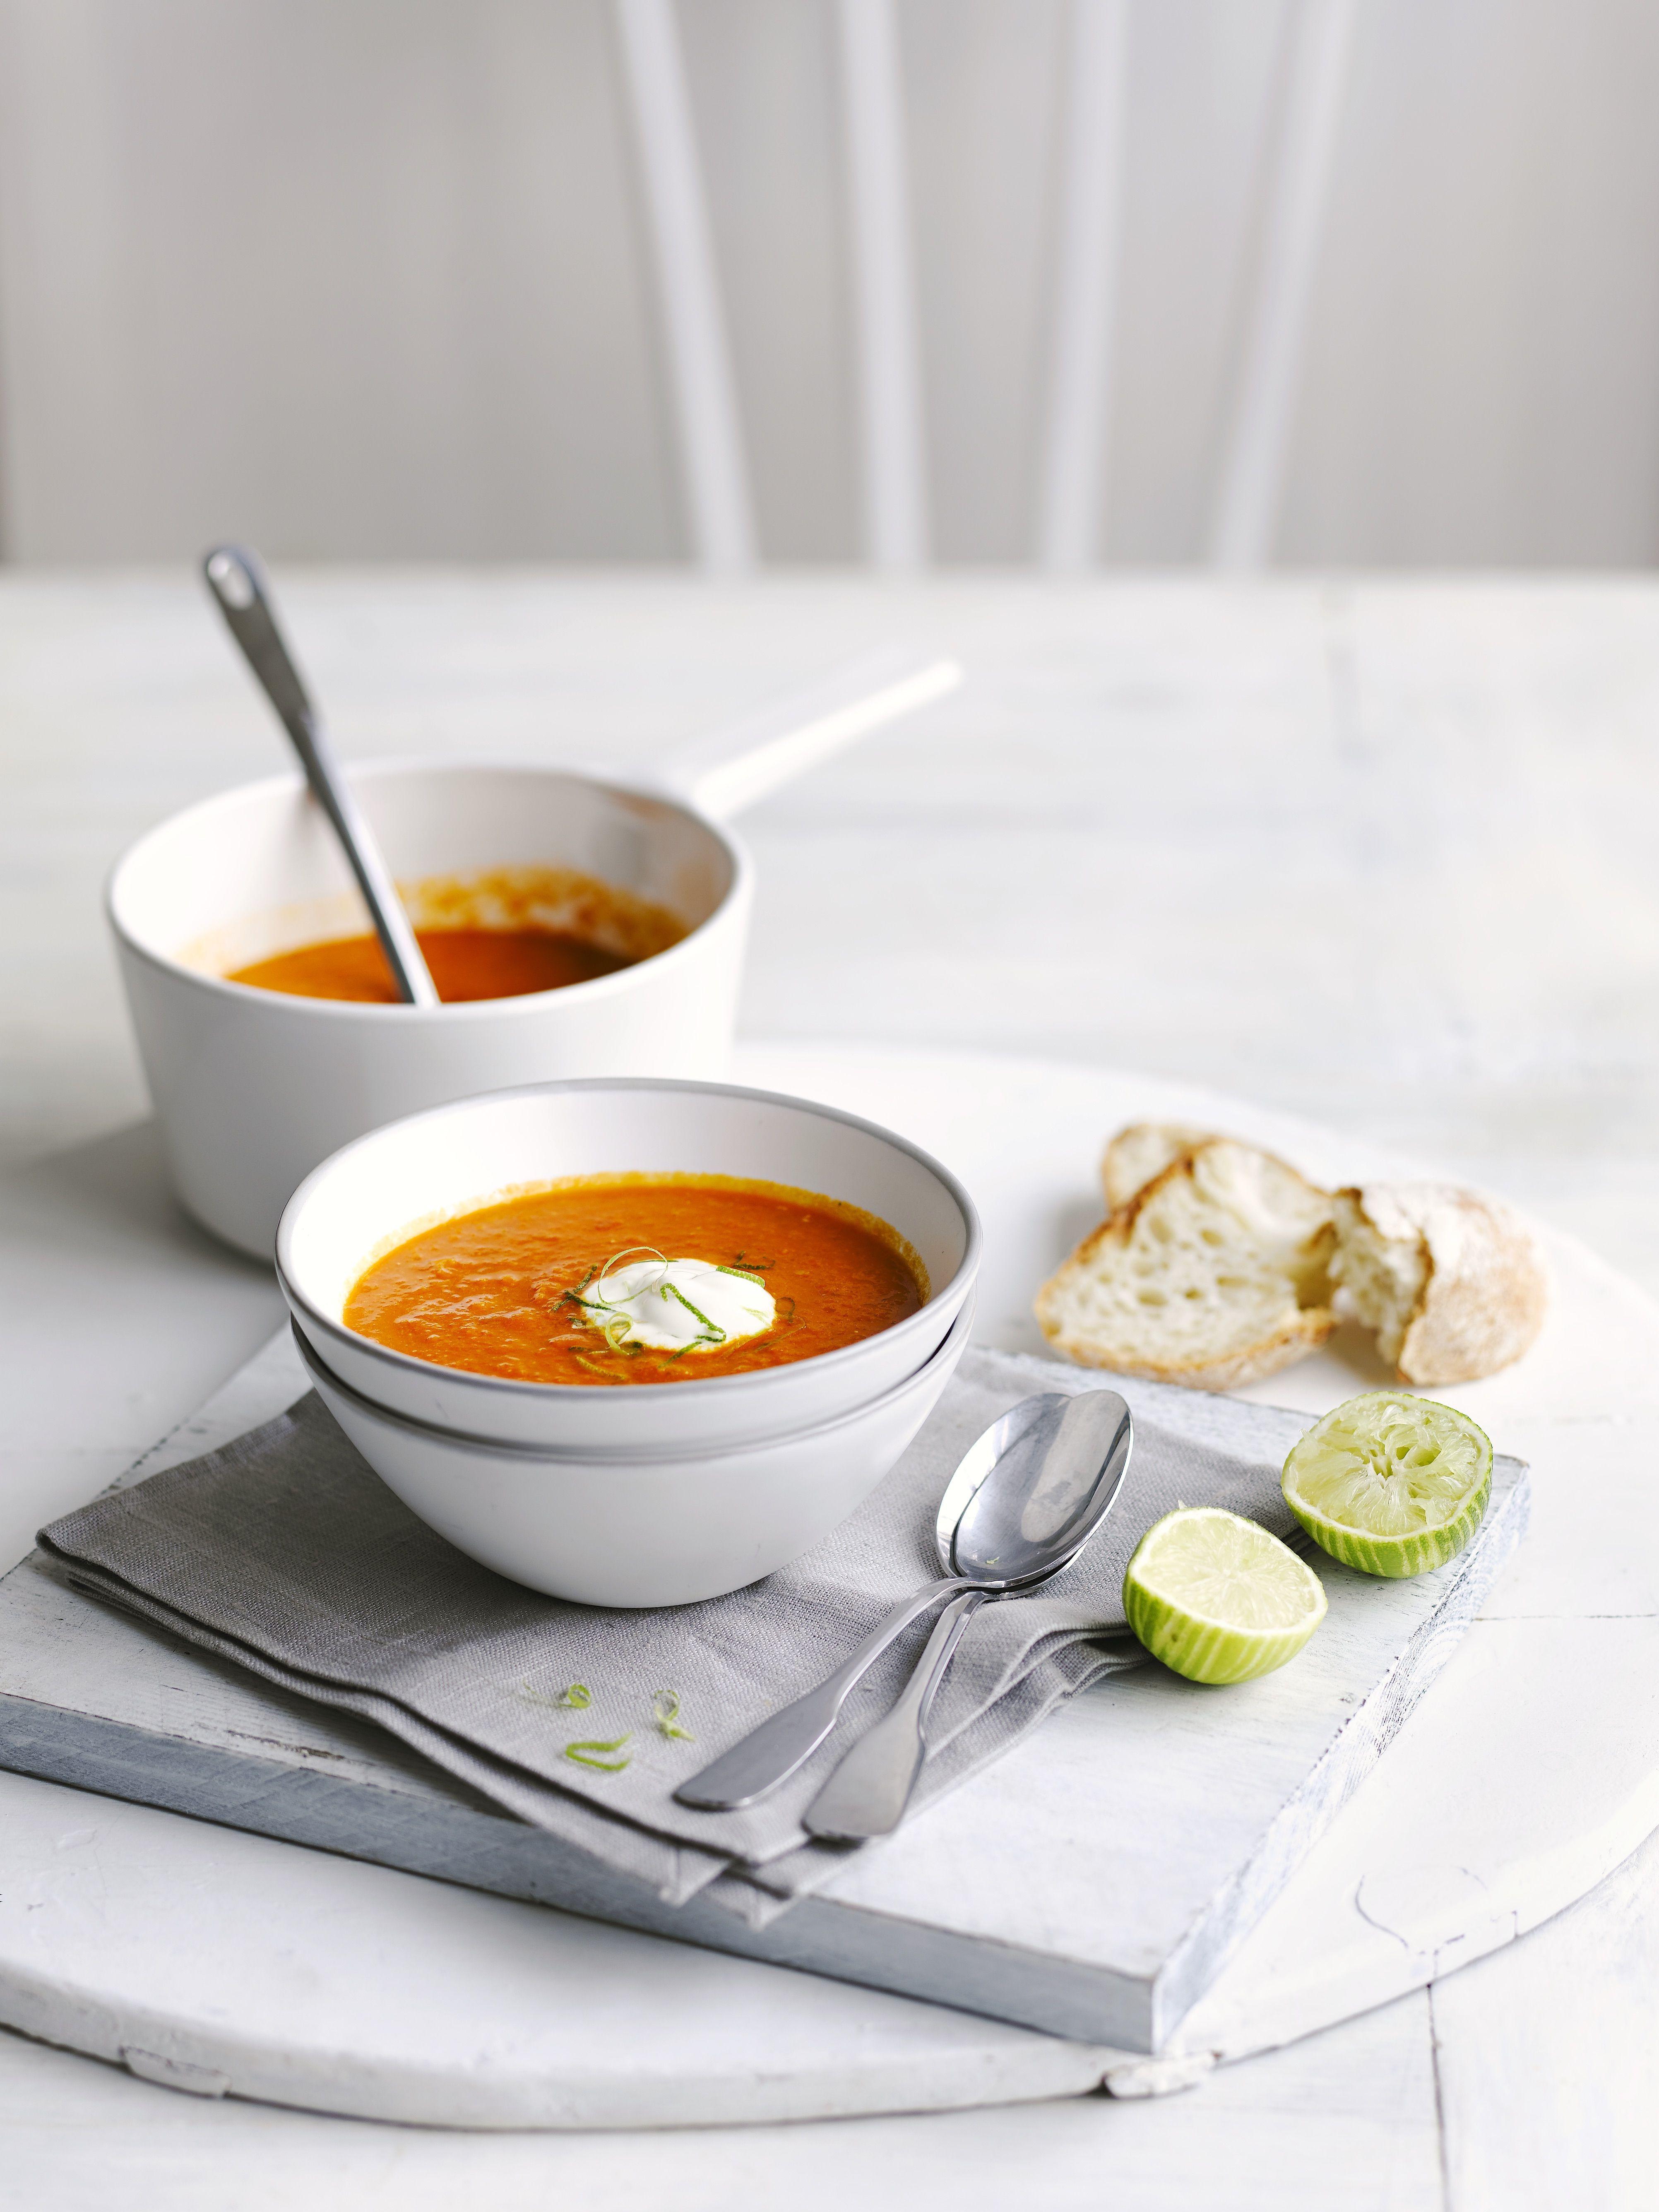 Două boluri de supă de linte roșie cu var pe lateral